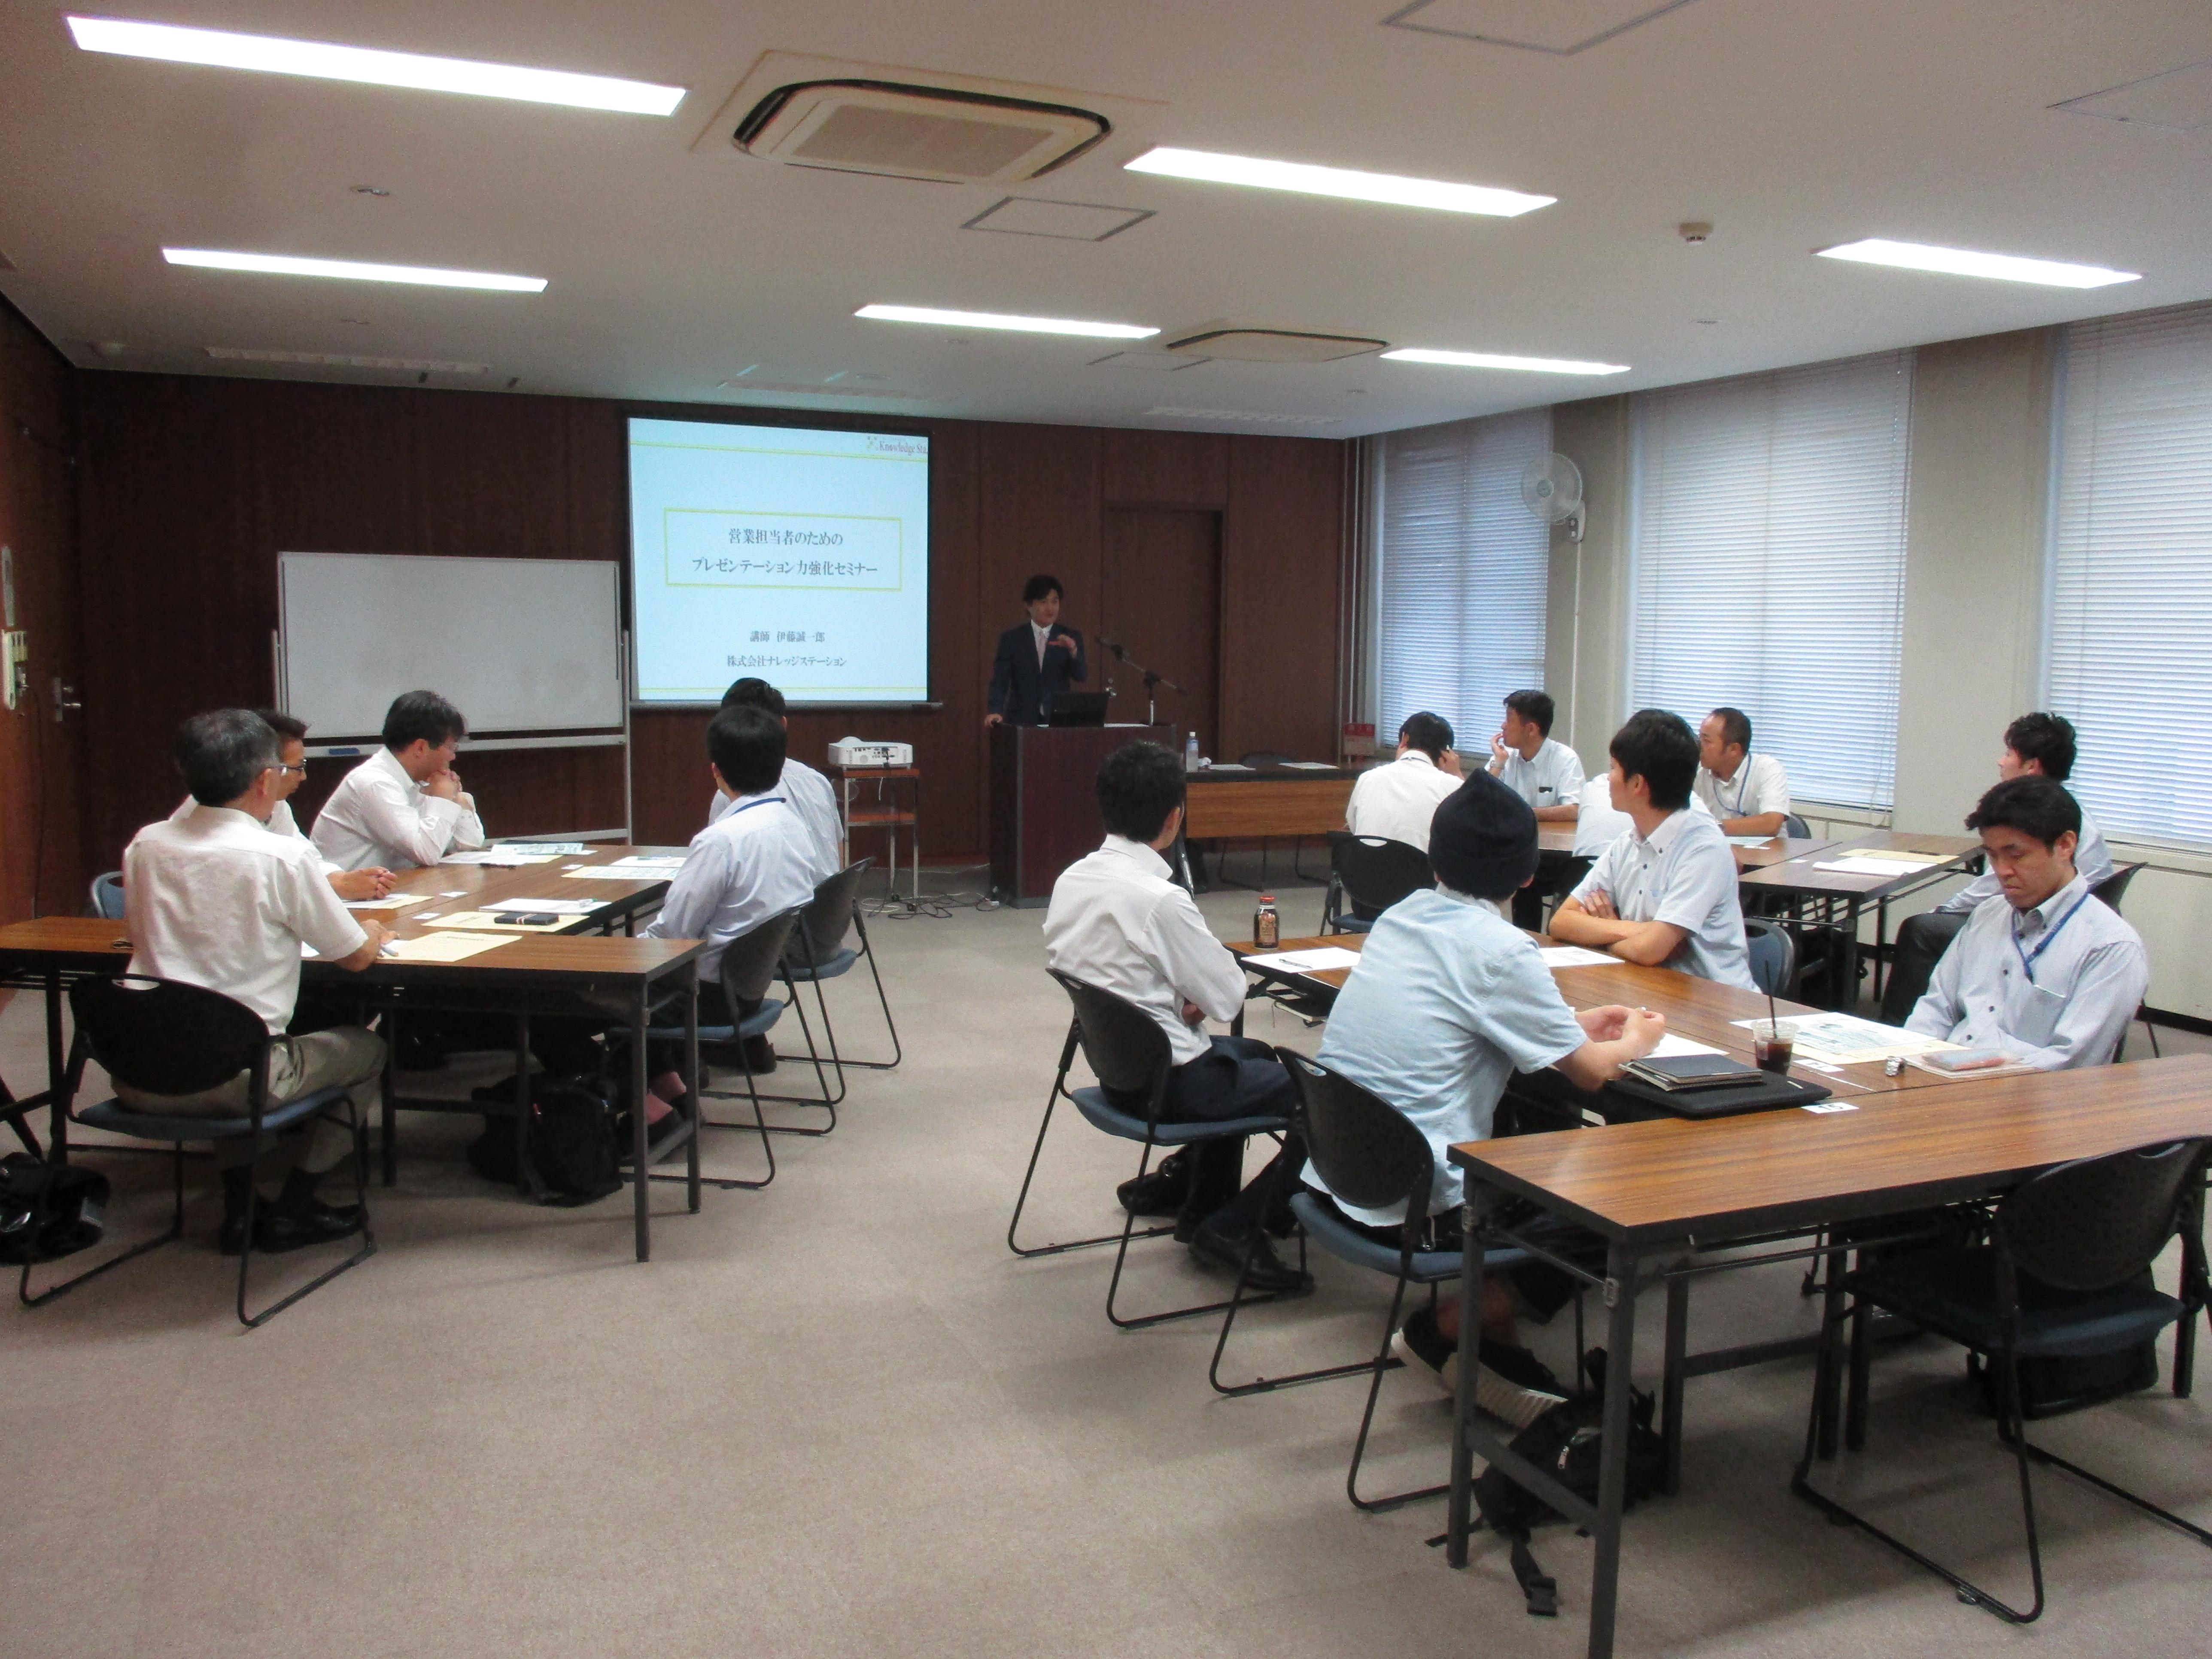 【仙台】営業担当者のためのプレゼンテーション力強化セミナー画像02